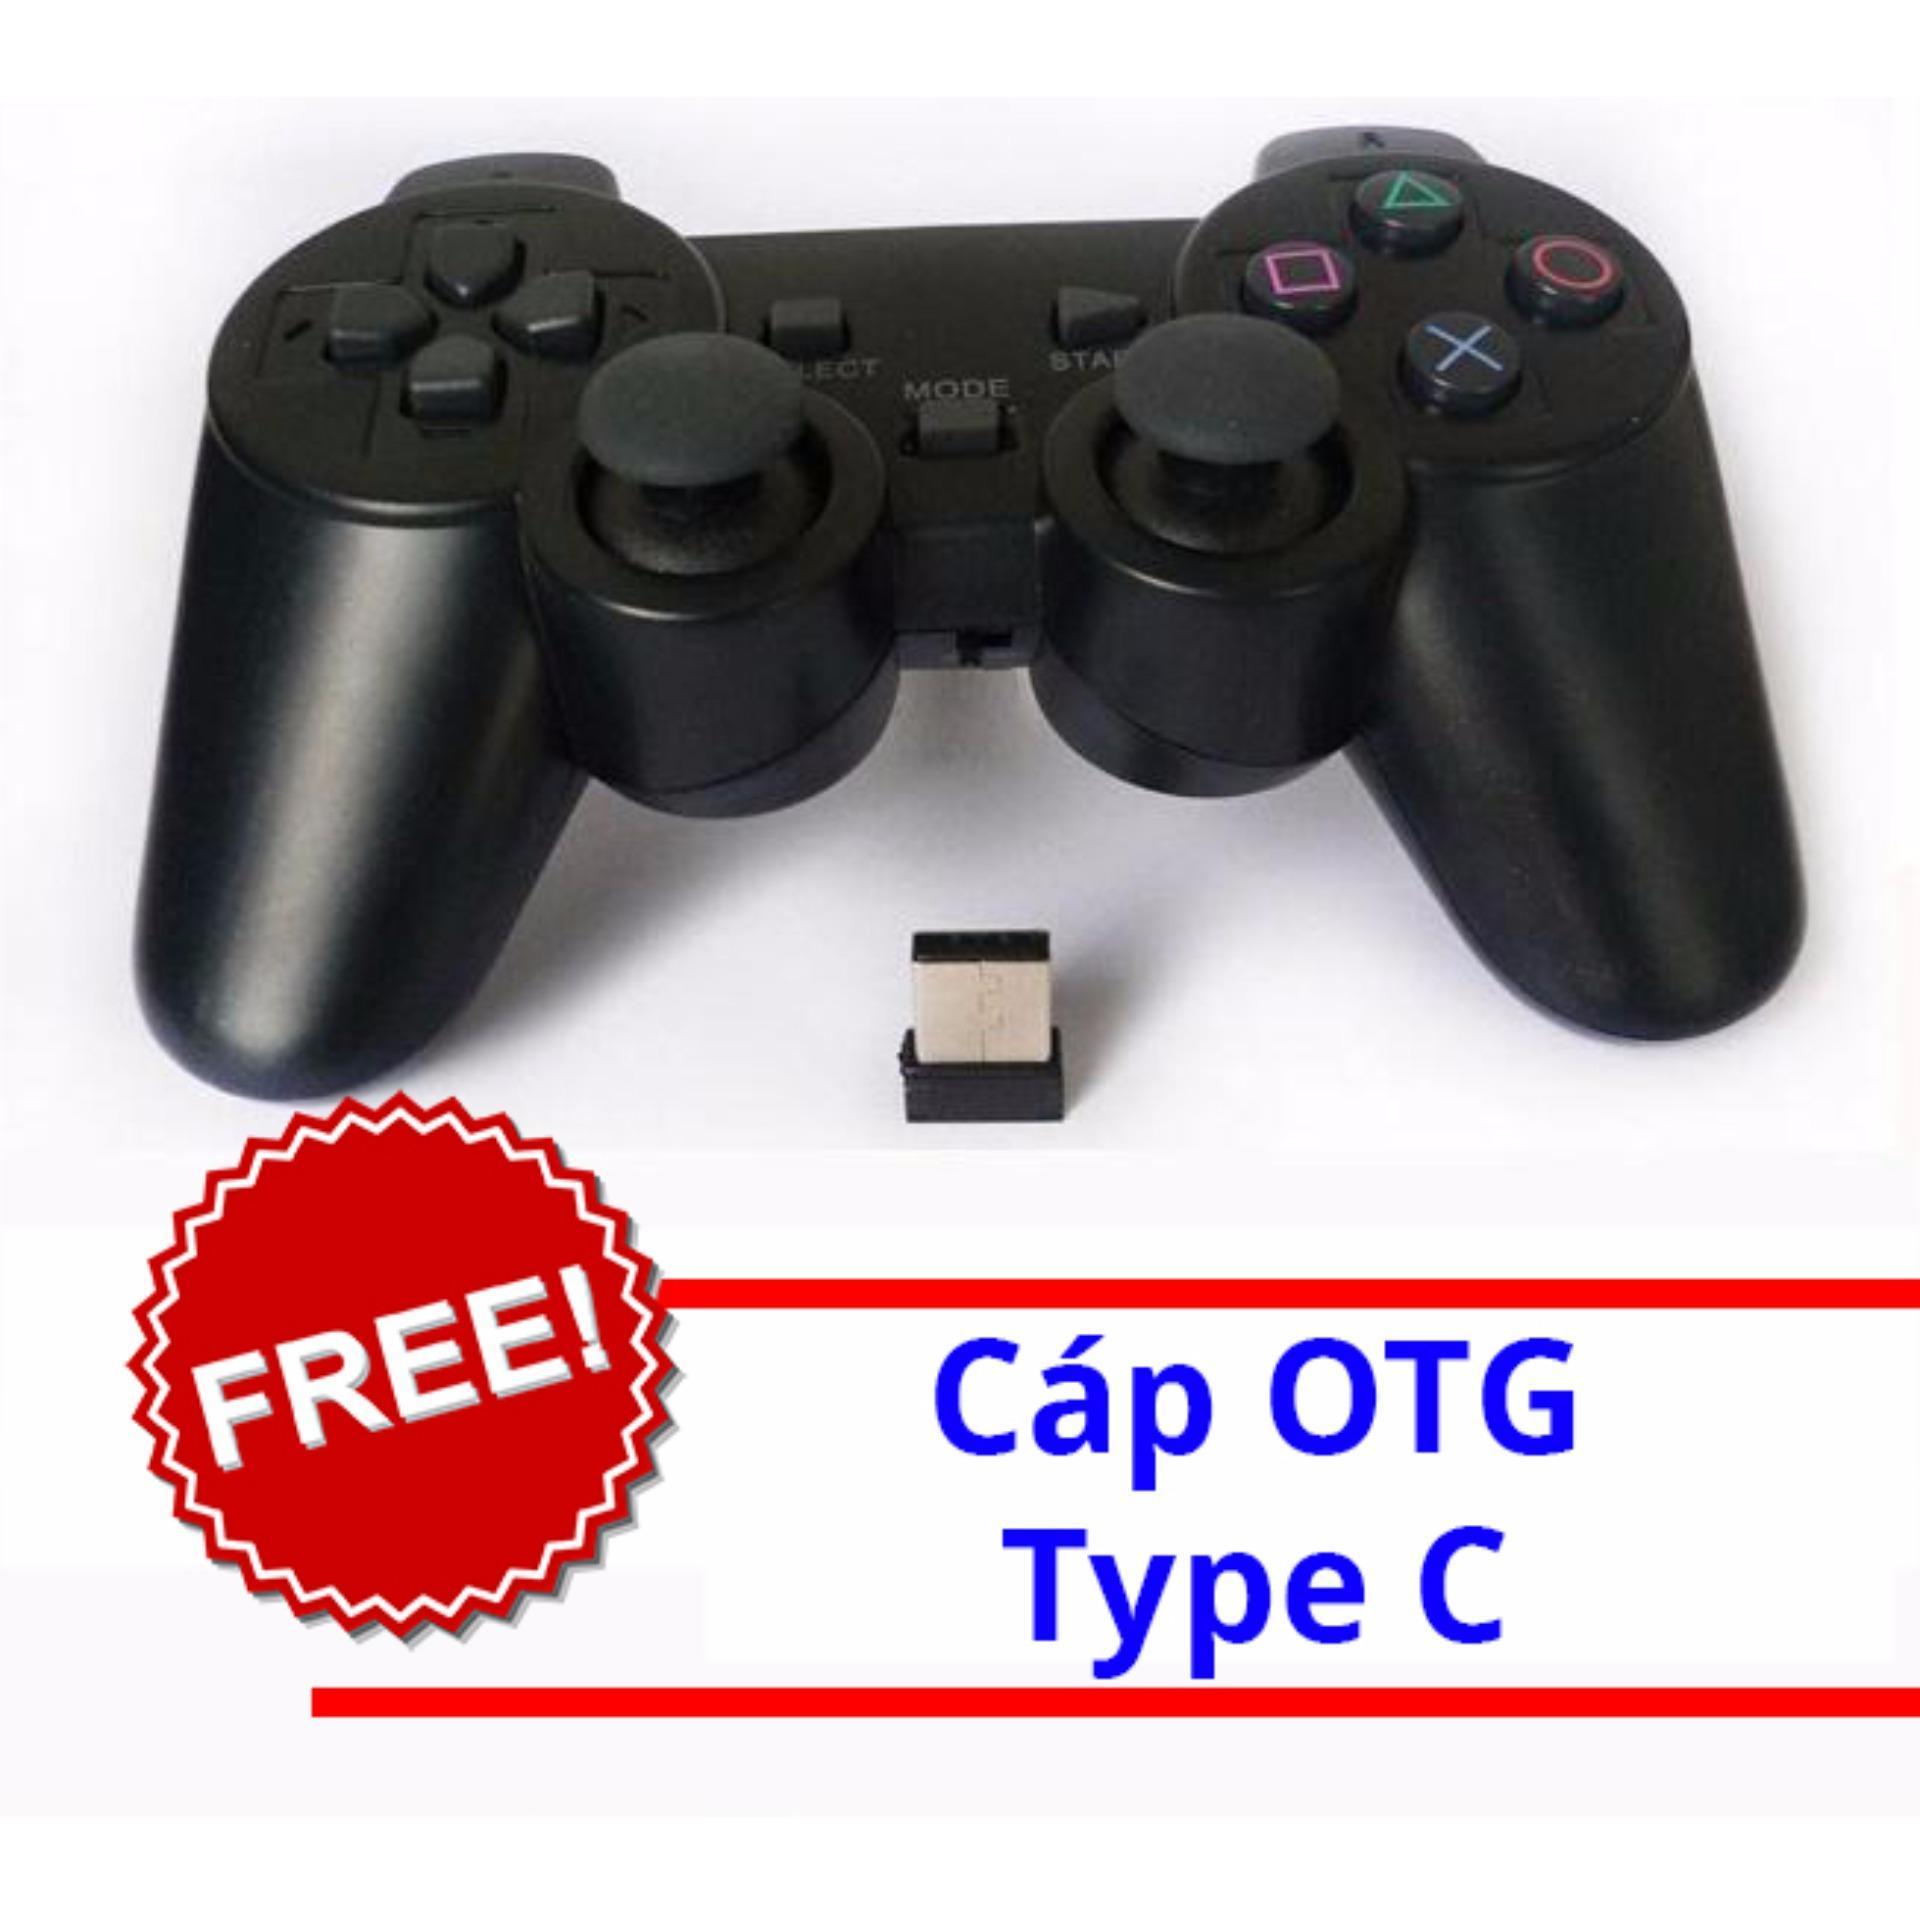 Gamepad không dây cho máy tính, android box + cáp otg type c Nhật Bản